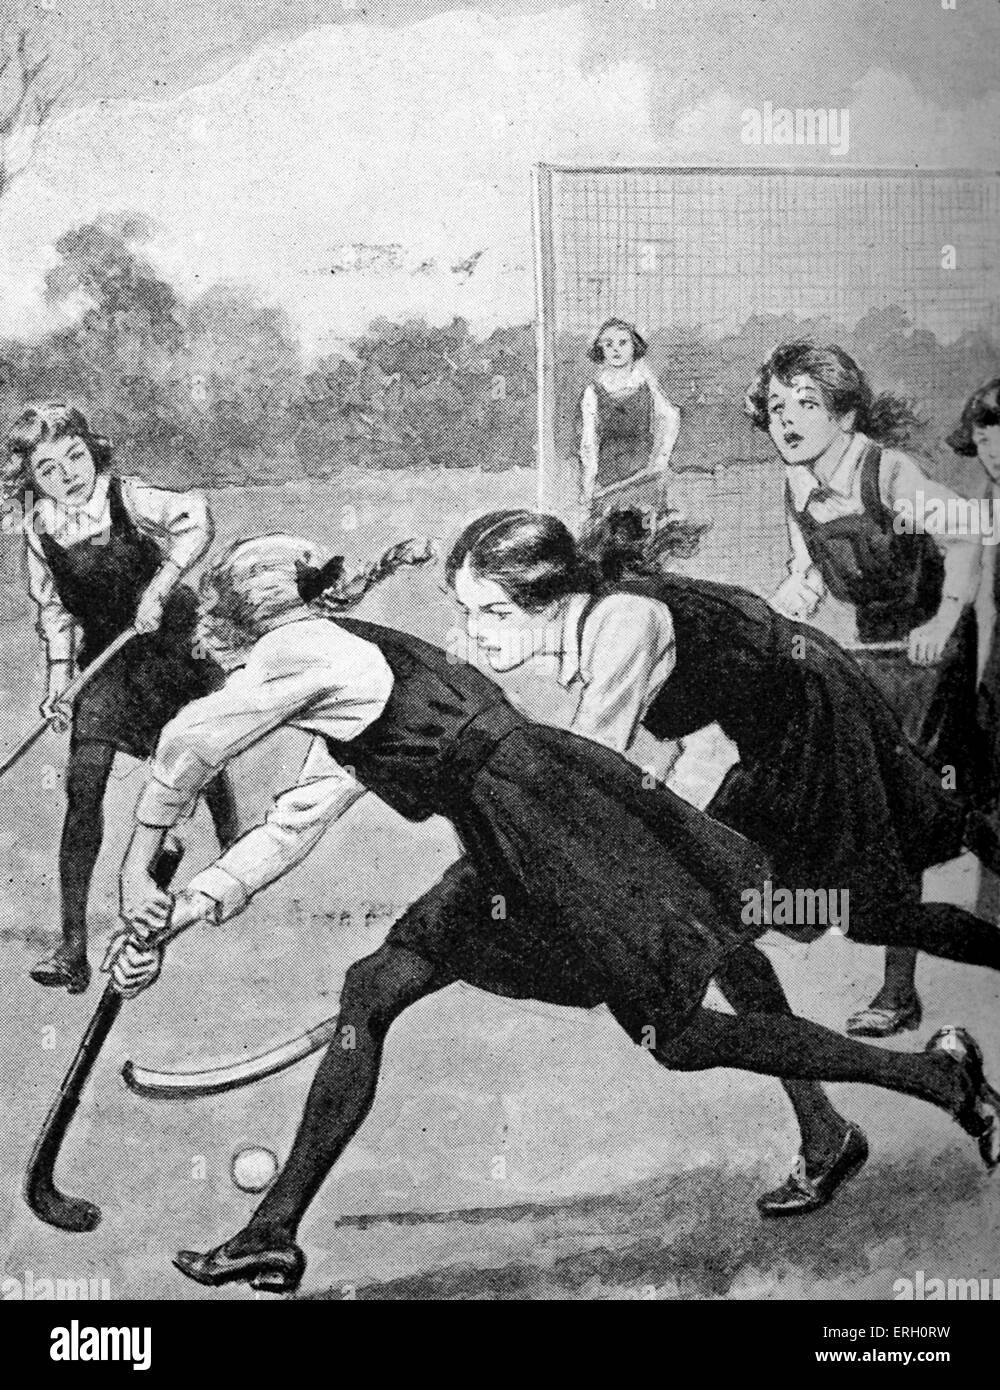 La partita di hockey su ghiaccio - da Betsy-go-Lucky- del quarto, da Jessie Leckie Herbertson, 1923. Immagini Stock